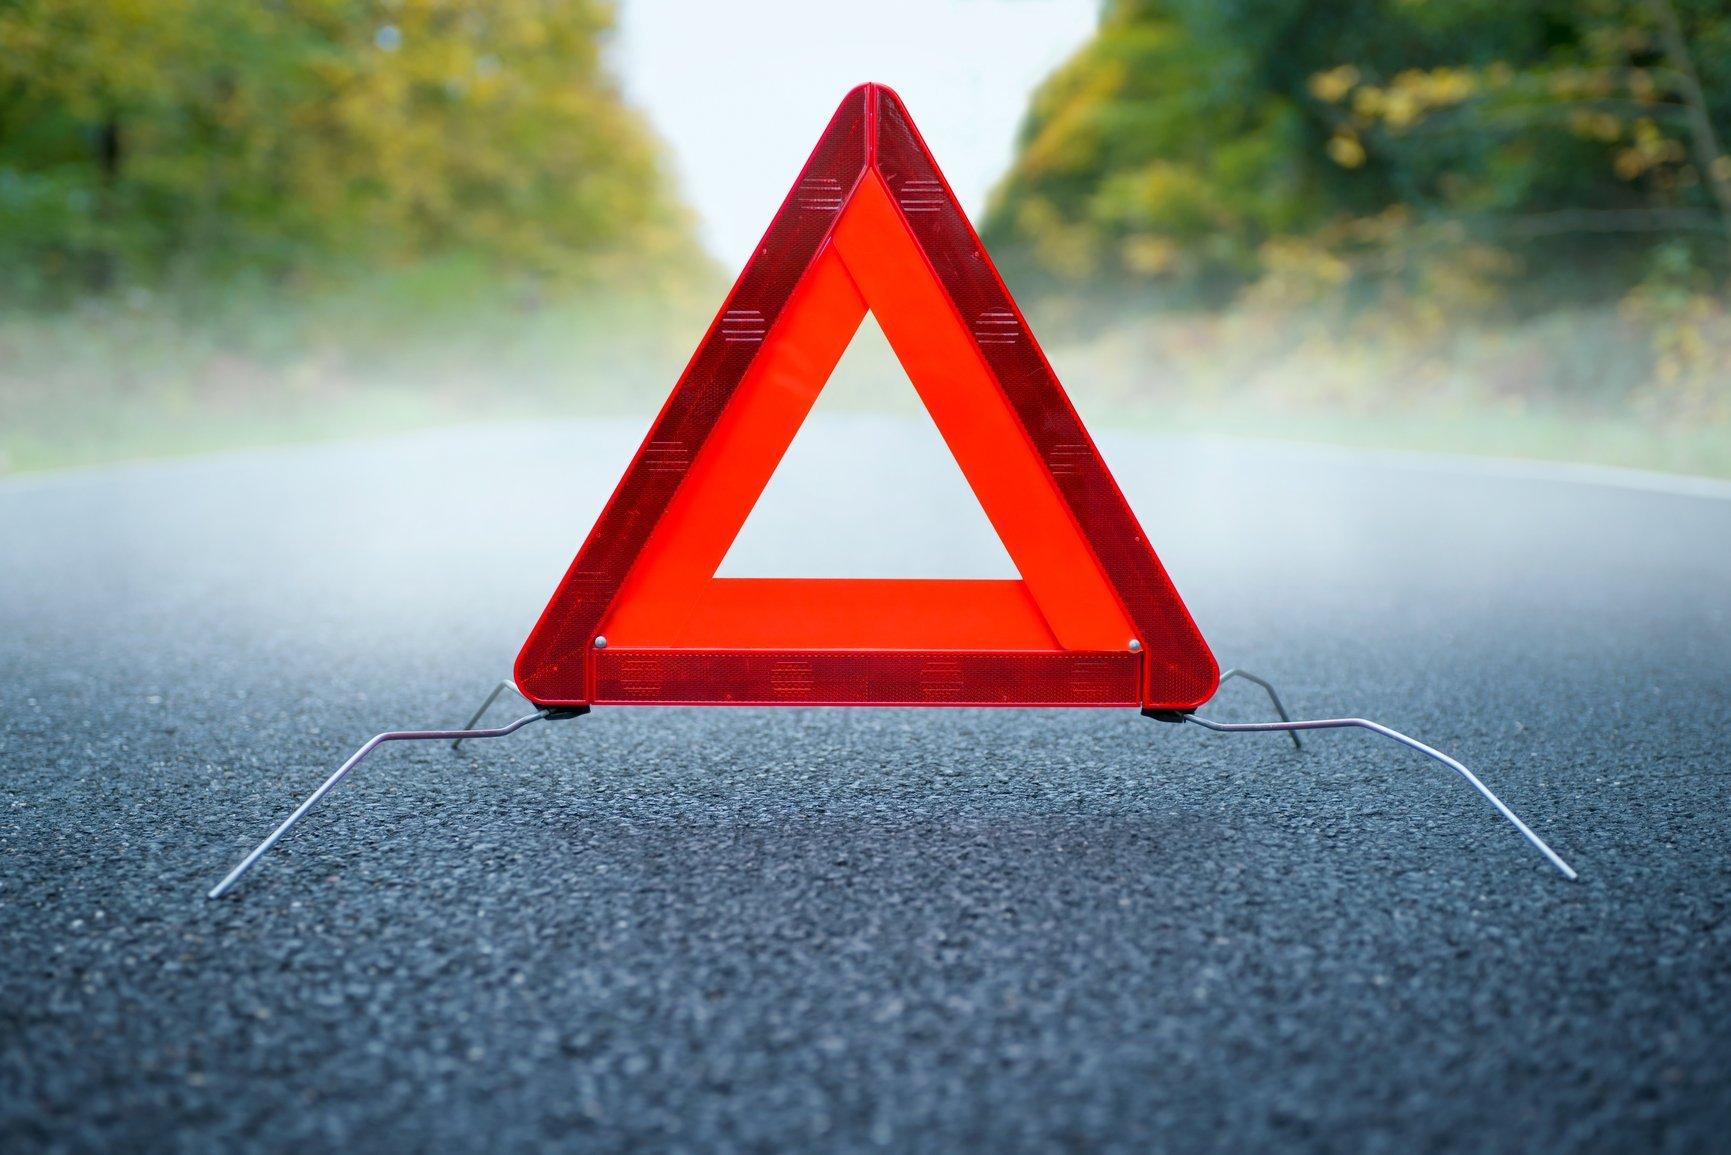 ВРостовской области в трагедии натрассе погибла пассажирка скутера